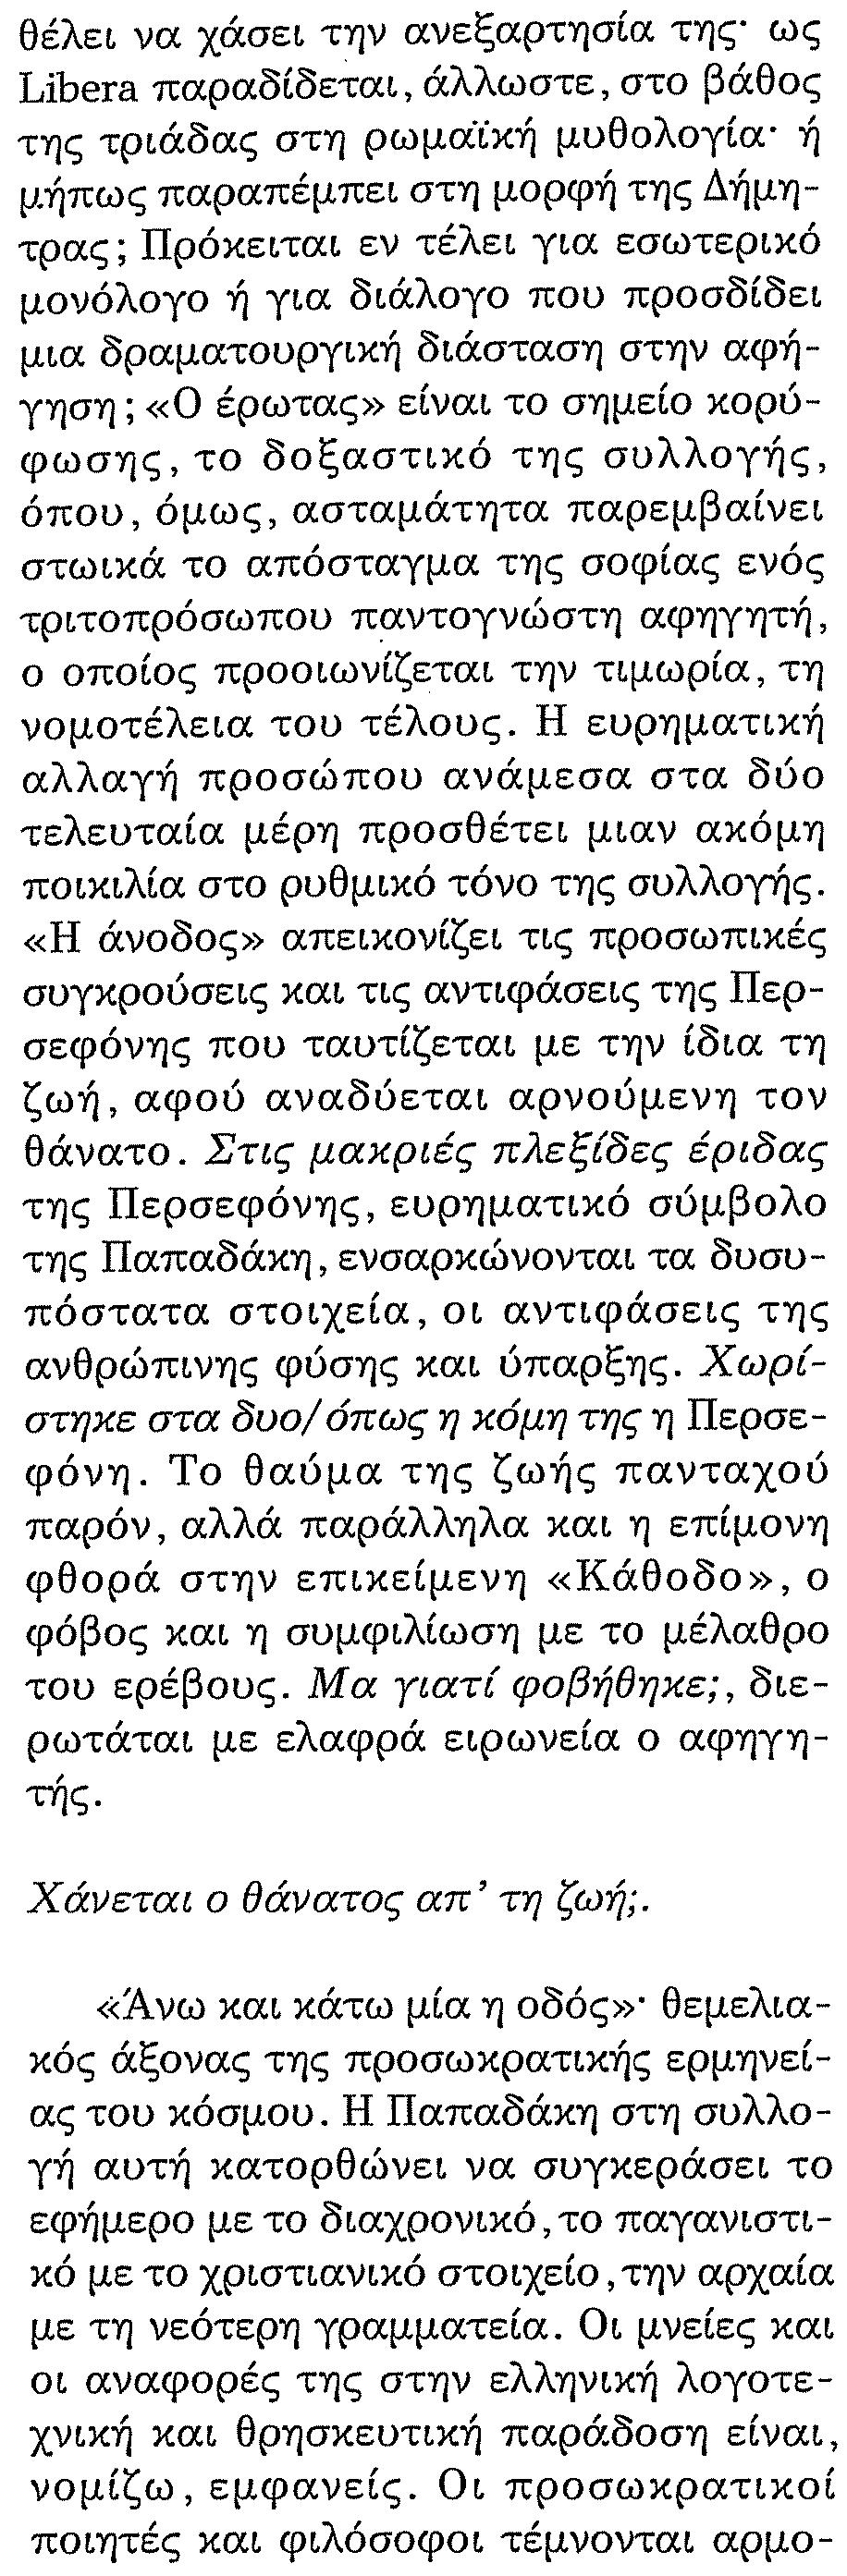 ΑΝΝΑ ΚΑΤΣΙΓΙΑΝΝΗ, Η ΠΕΡΣΕΦΟΝΗ ΚΑΙ ΤΟ ΡΟΔΙ5